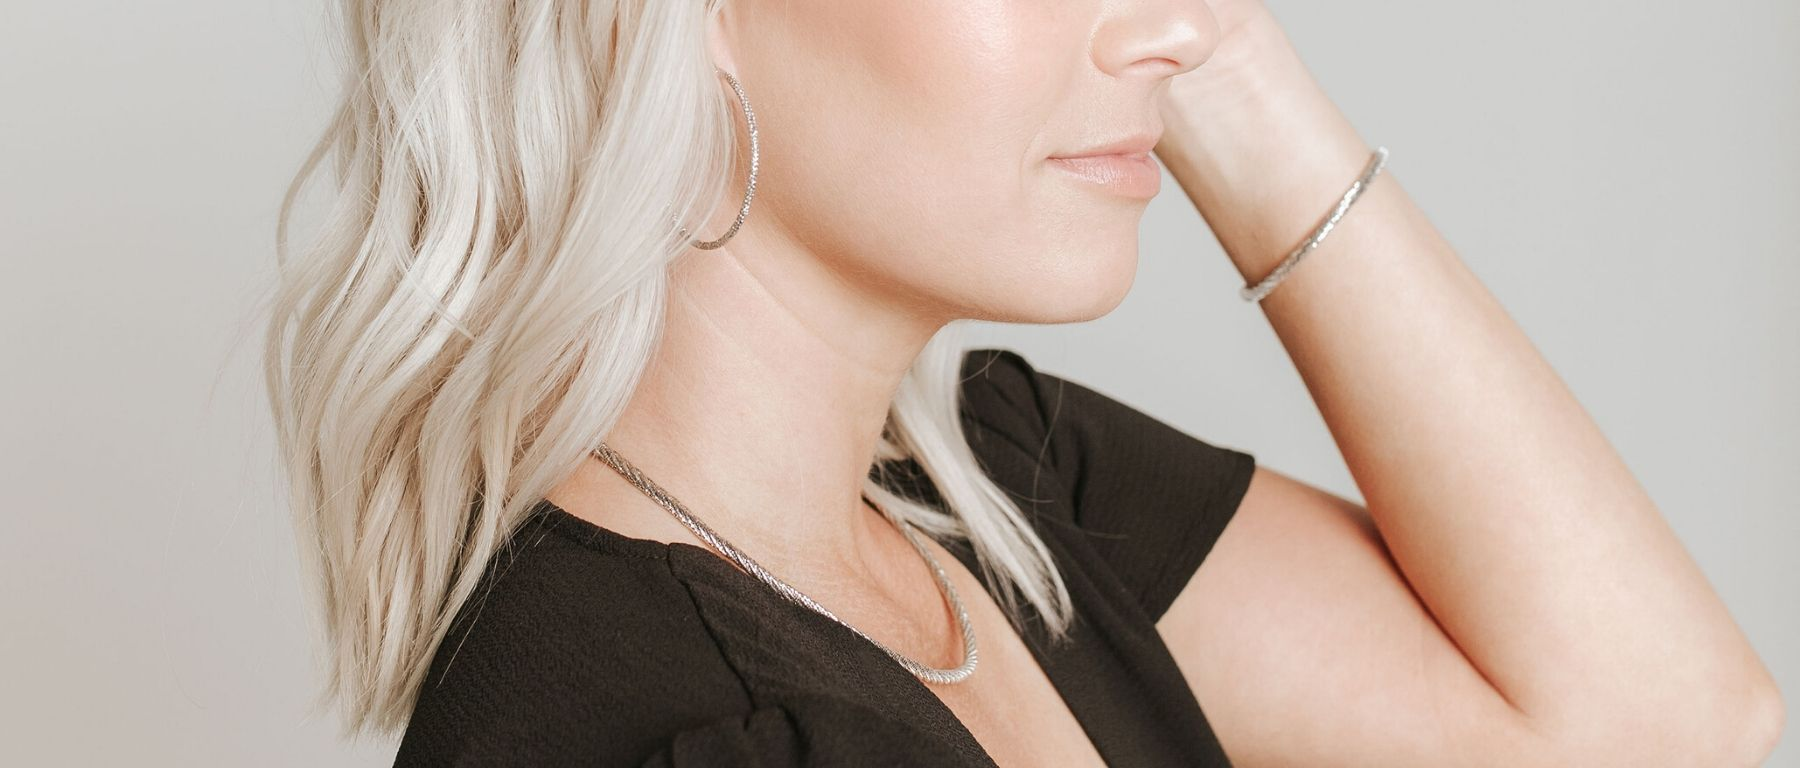 925 silver earrings